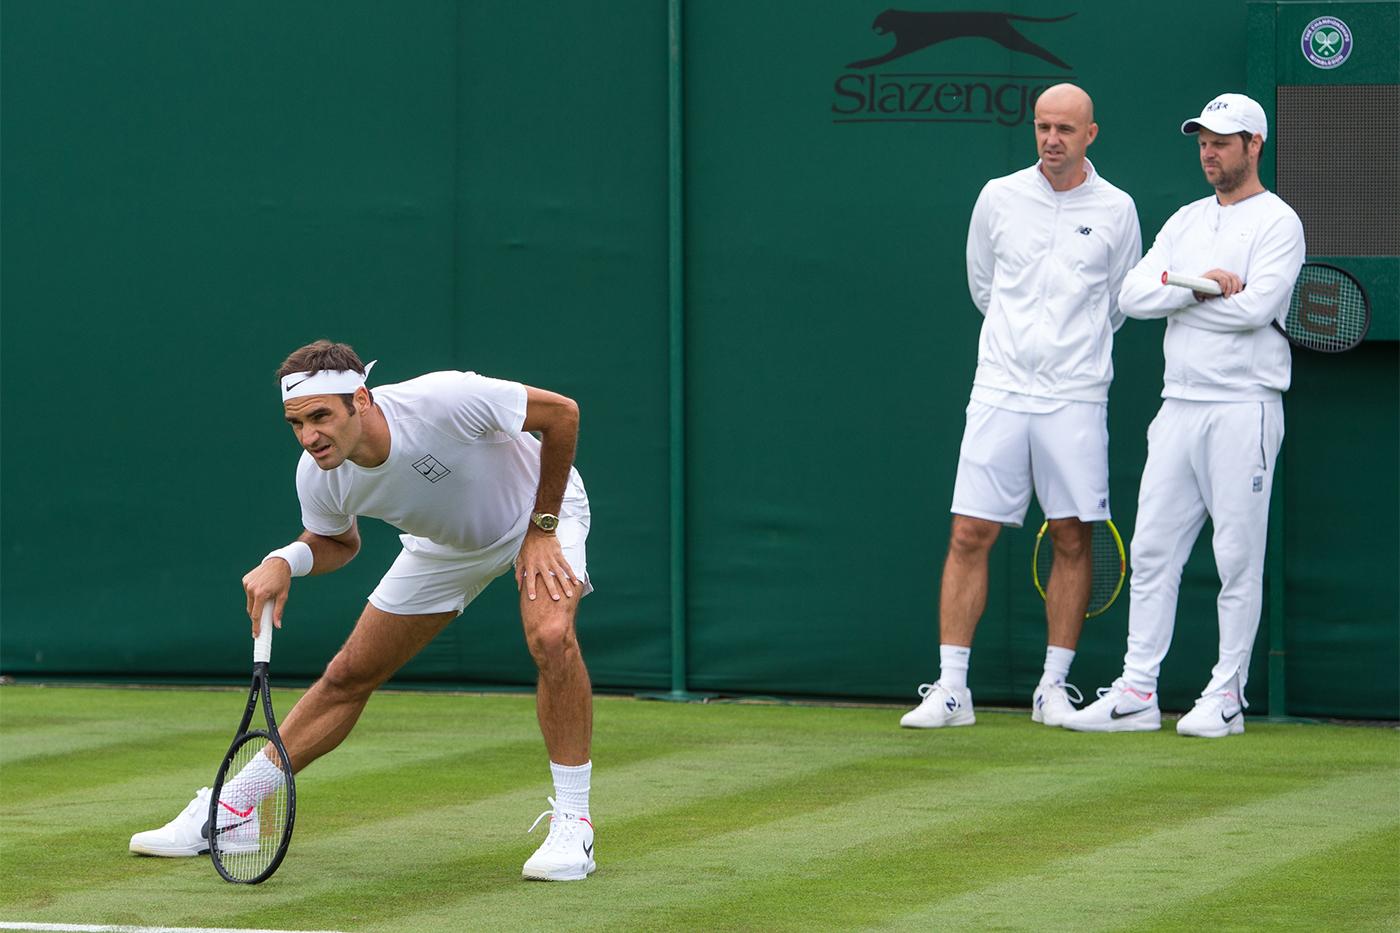 Ứng viên vô địch trong mùa giải Wimbledon - Federer